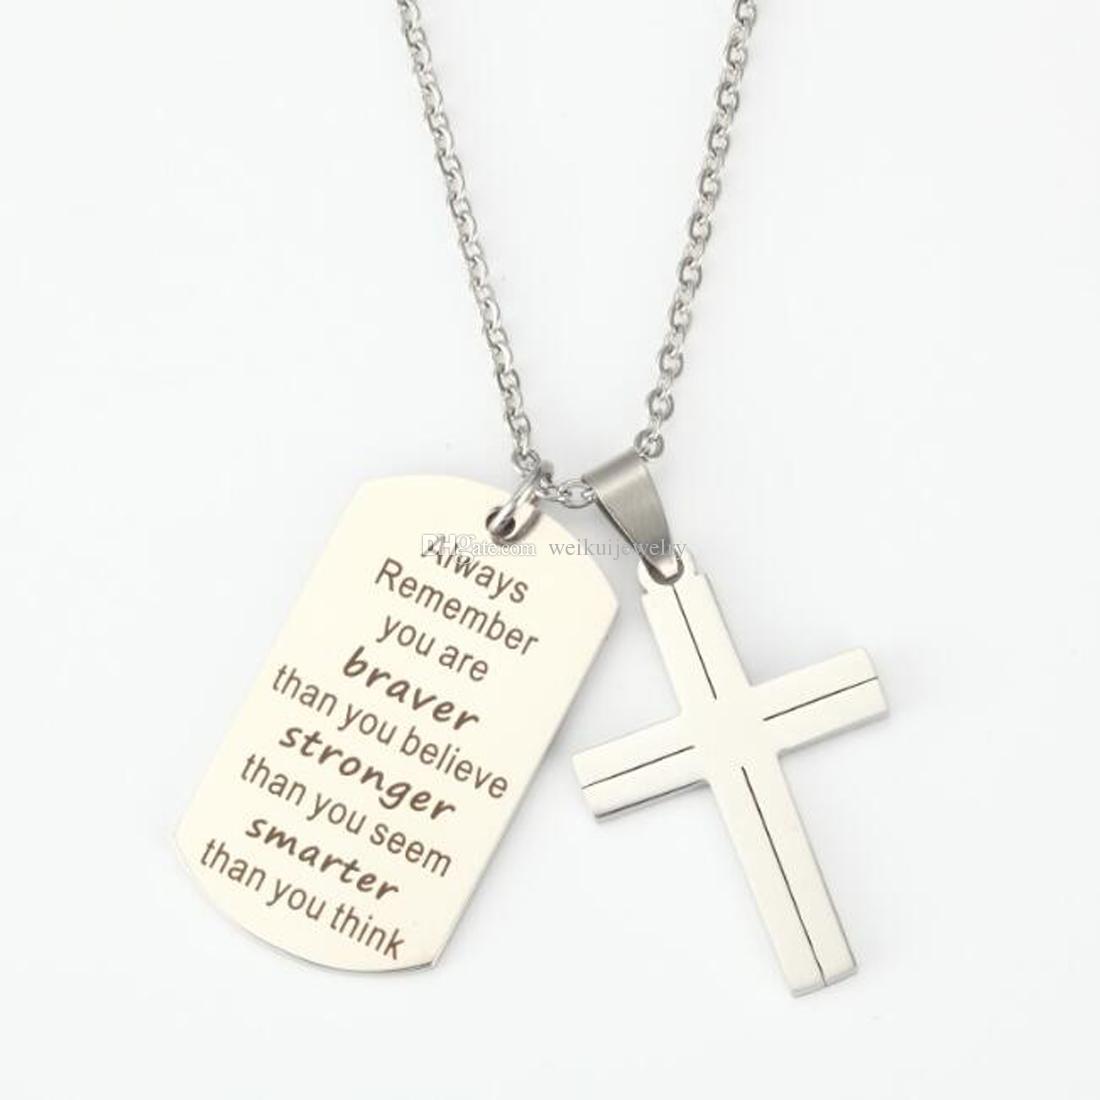 Quadratische Anhänger Personalisierte Halskette mit Kreuz Halsketten Kette Geschenke für Frauen Mädchen Jungen Männer Geburtstag Weihnachten Graviert